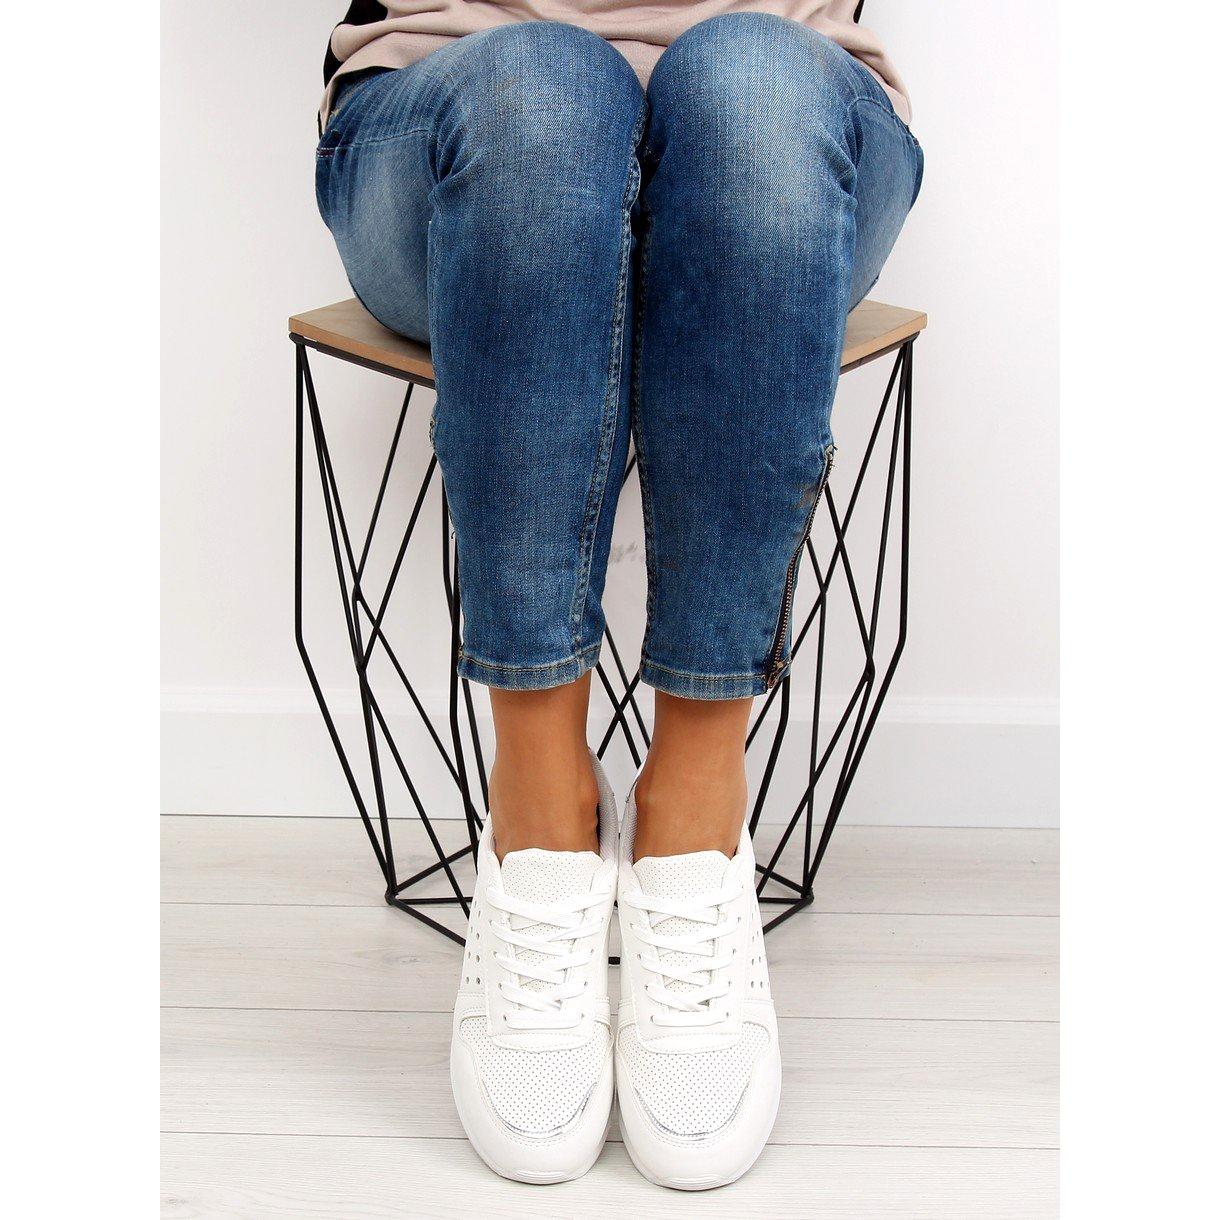 bianco-scarpe-sportive-bianche-da-donna-su12p-bianche miniatura 6